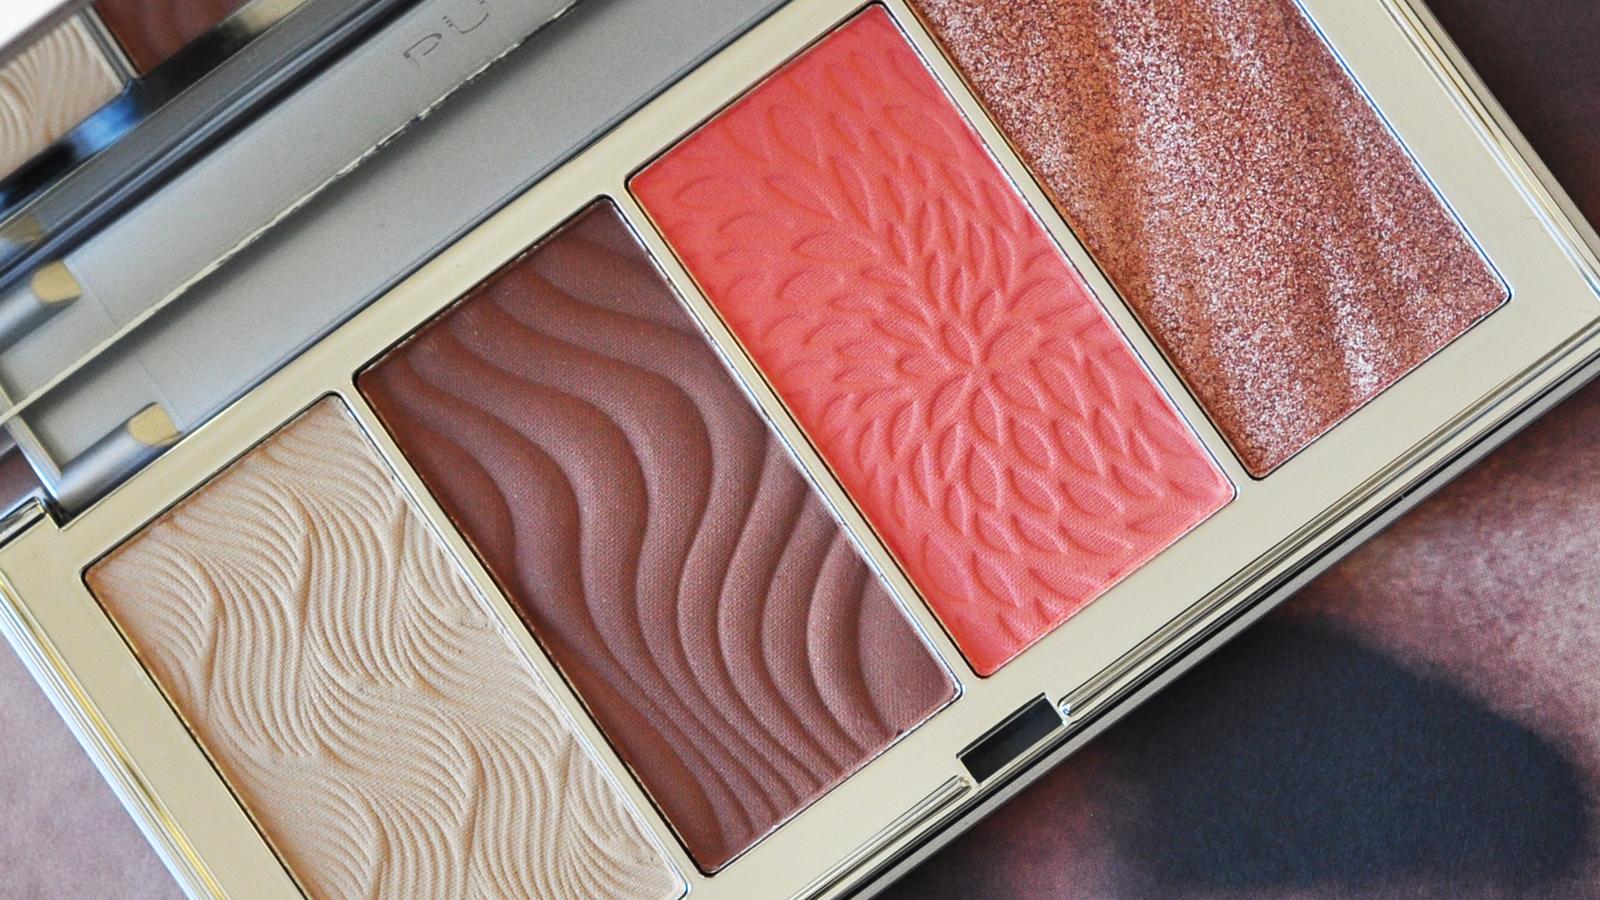 PÜR 4-in-1 Skin Perfecting Powders